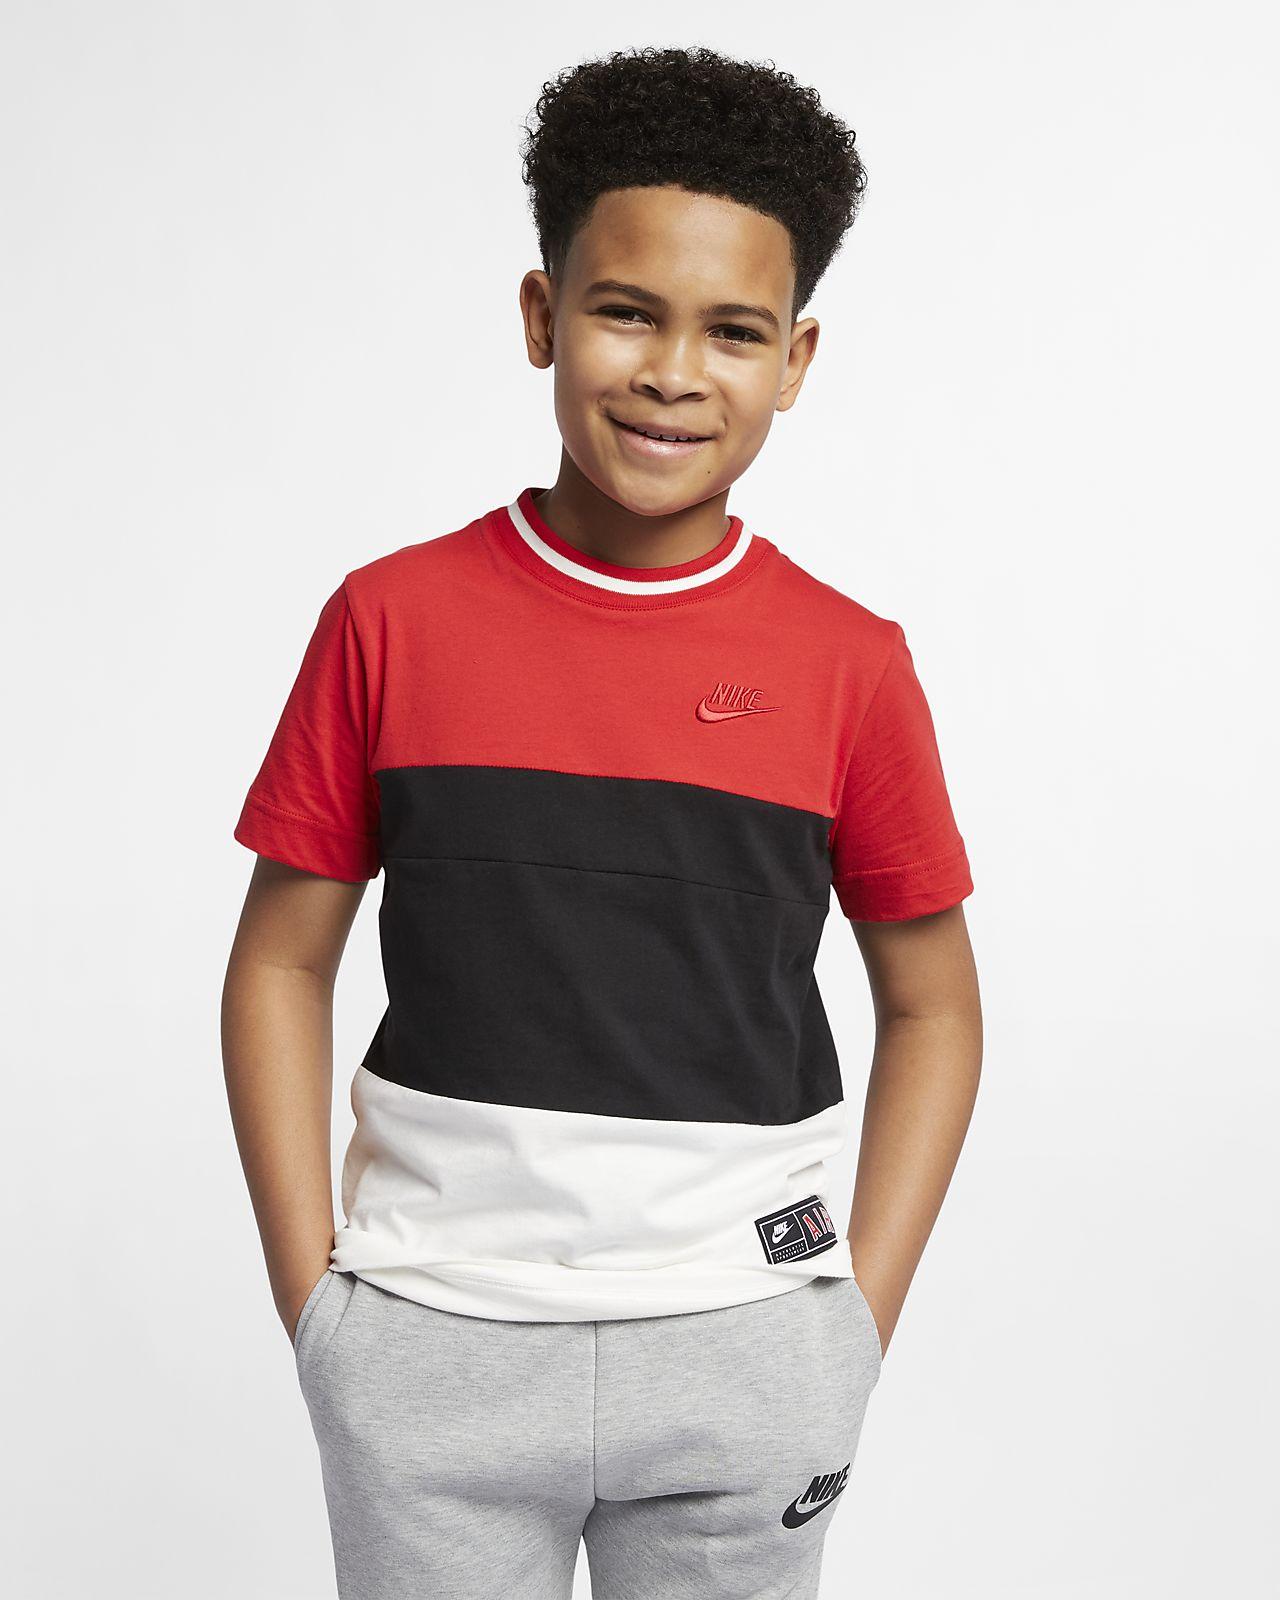 brand new b91ad 4032d ... Kortärmad tröja Nike Air för ungdom (killar)